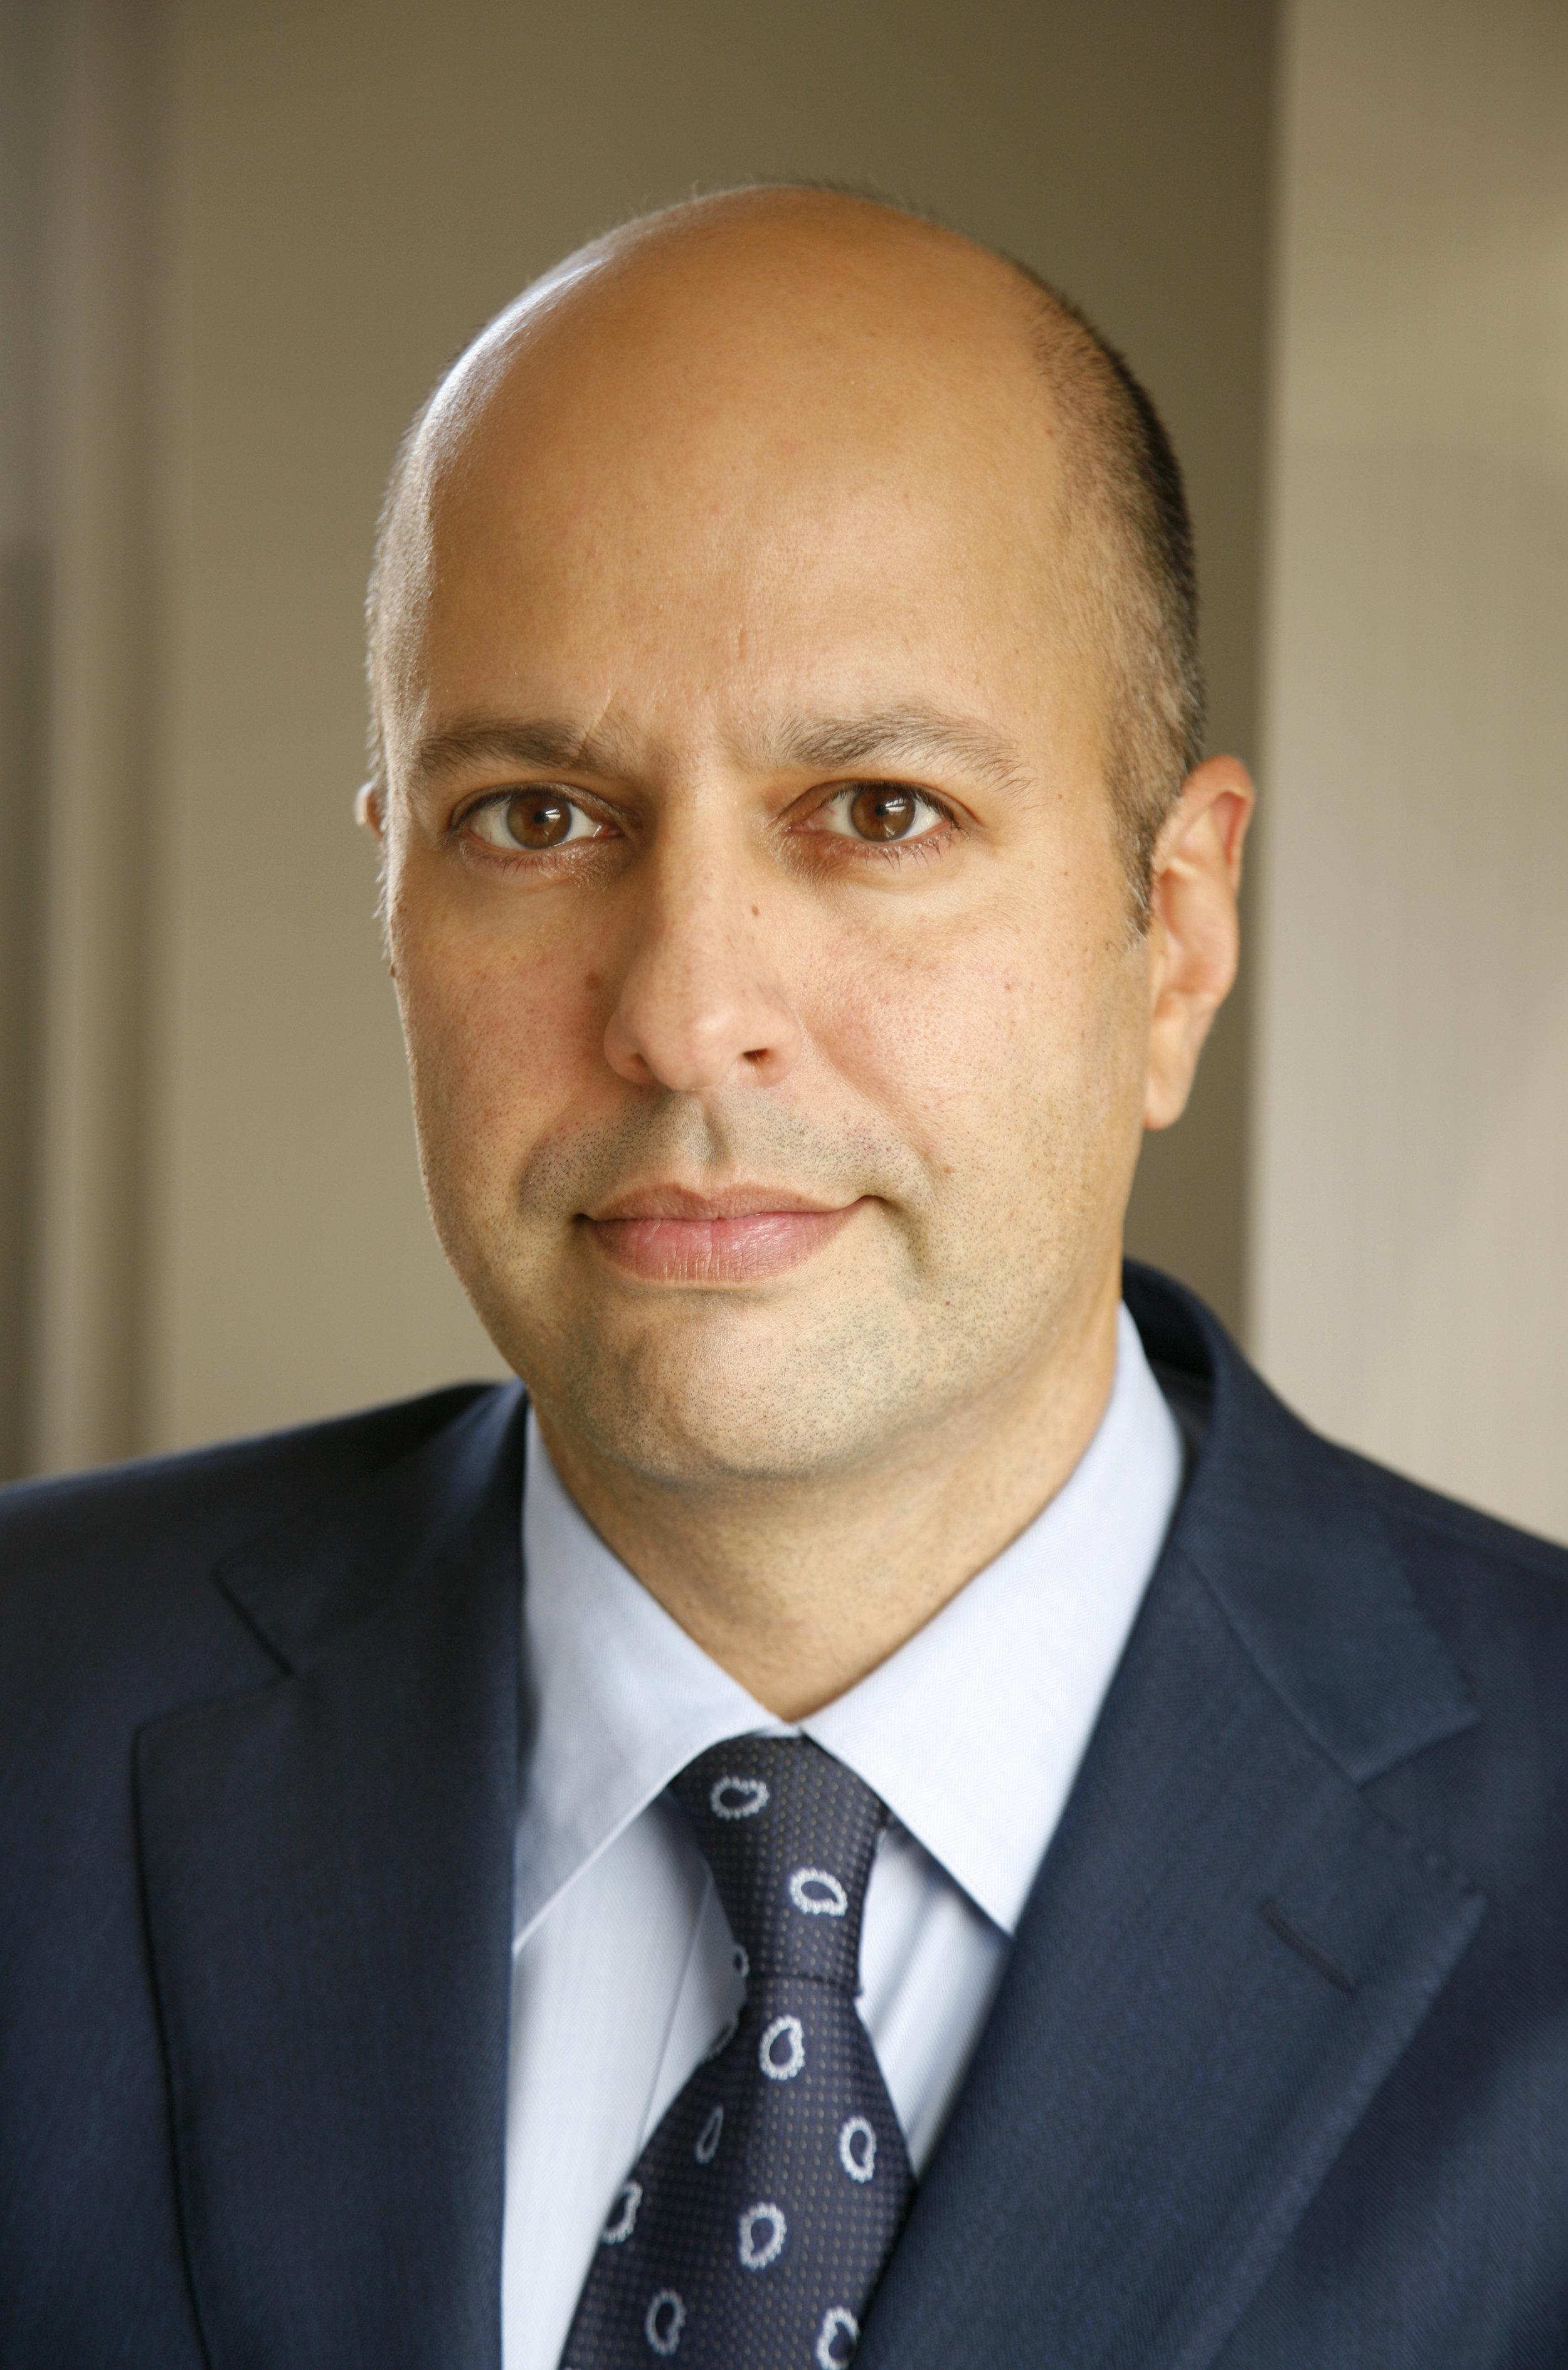 Economist, Author